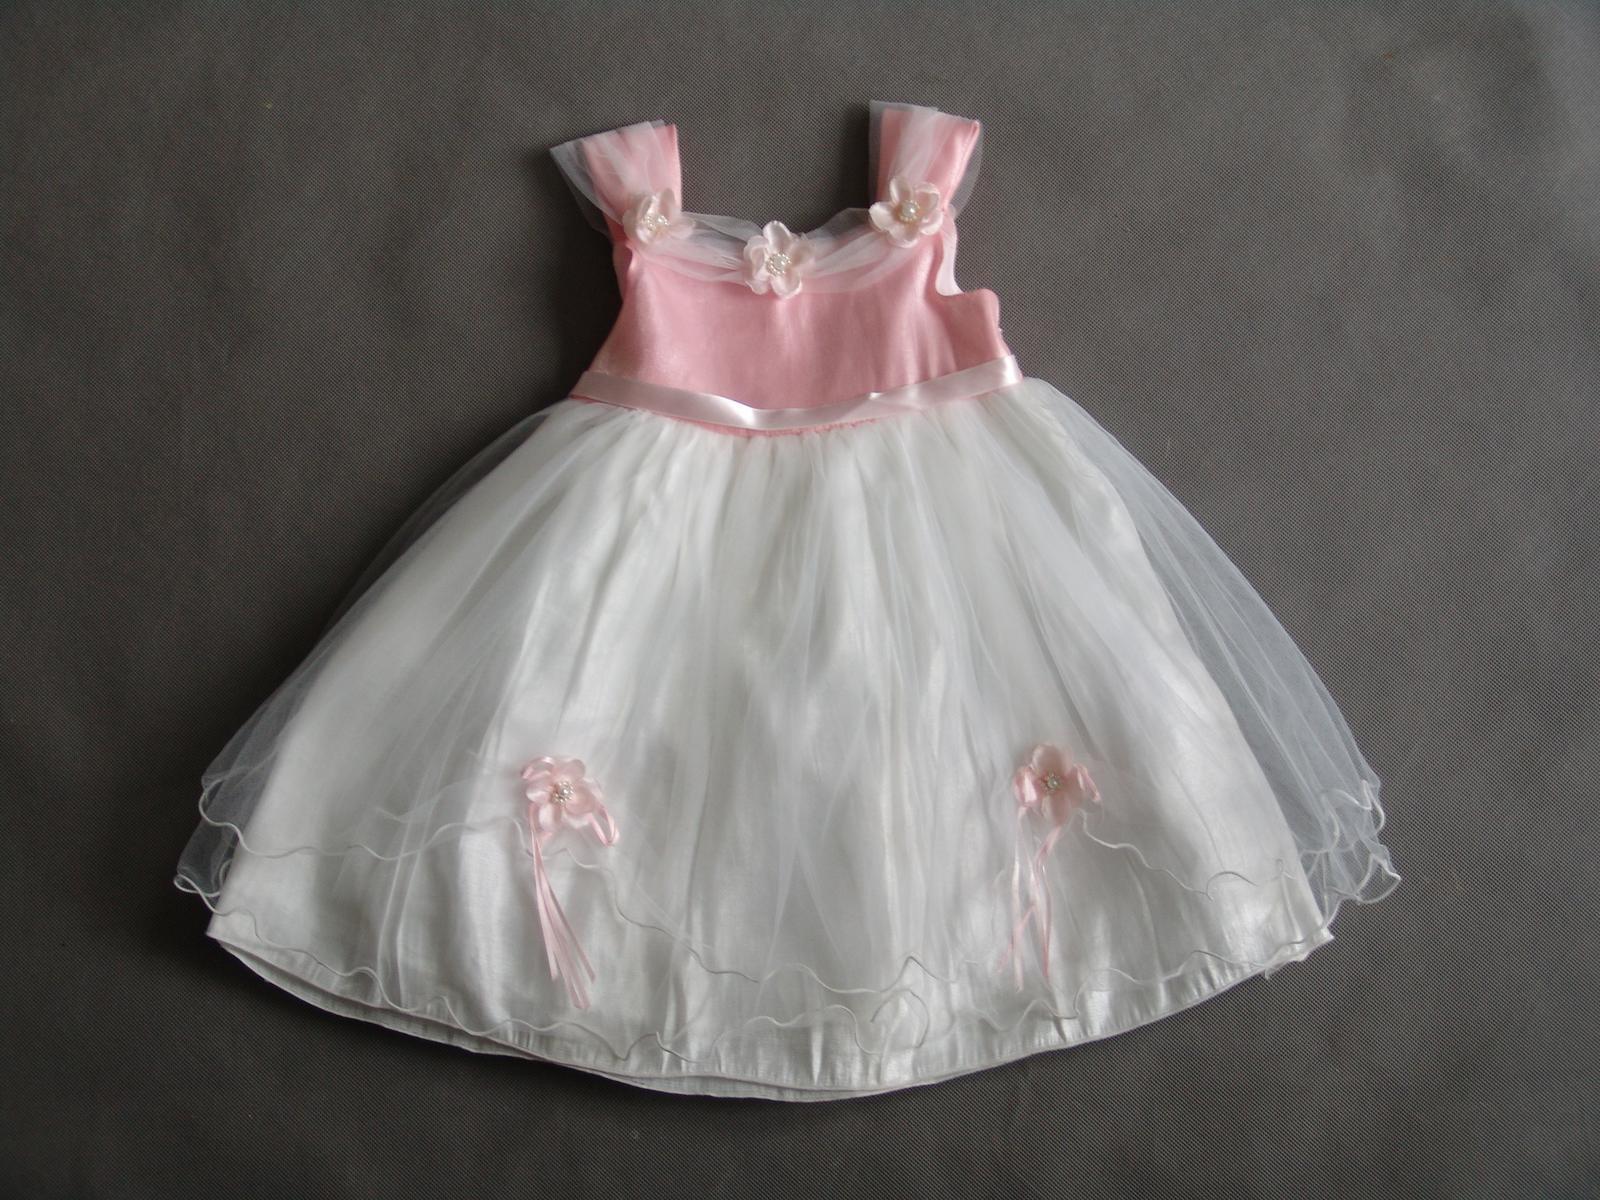 SKLADEM - růžovo-bílé šaty - 1-4 roky - Obrázek č. 1